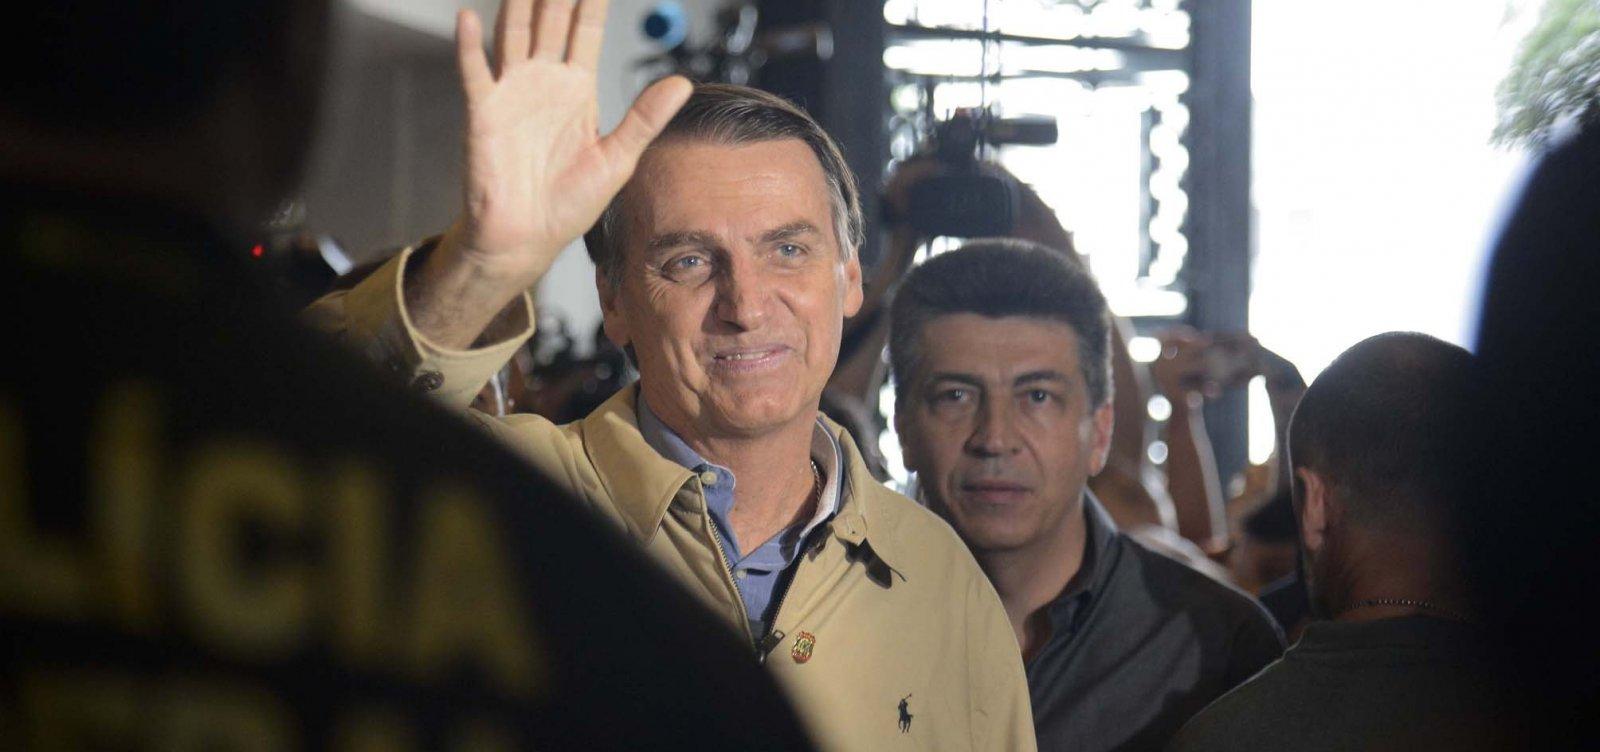 [Com segurança reforçada, Bolsonaro vota no Rio de Janeiro]